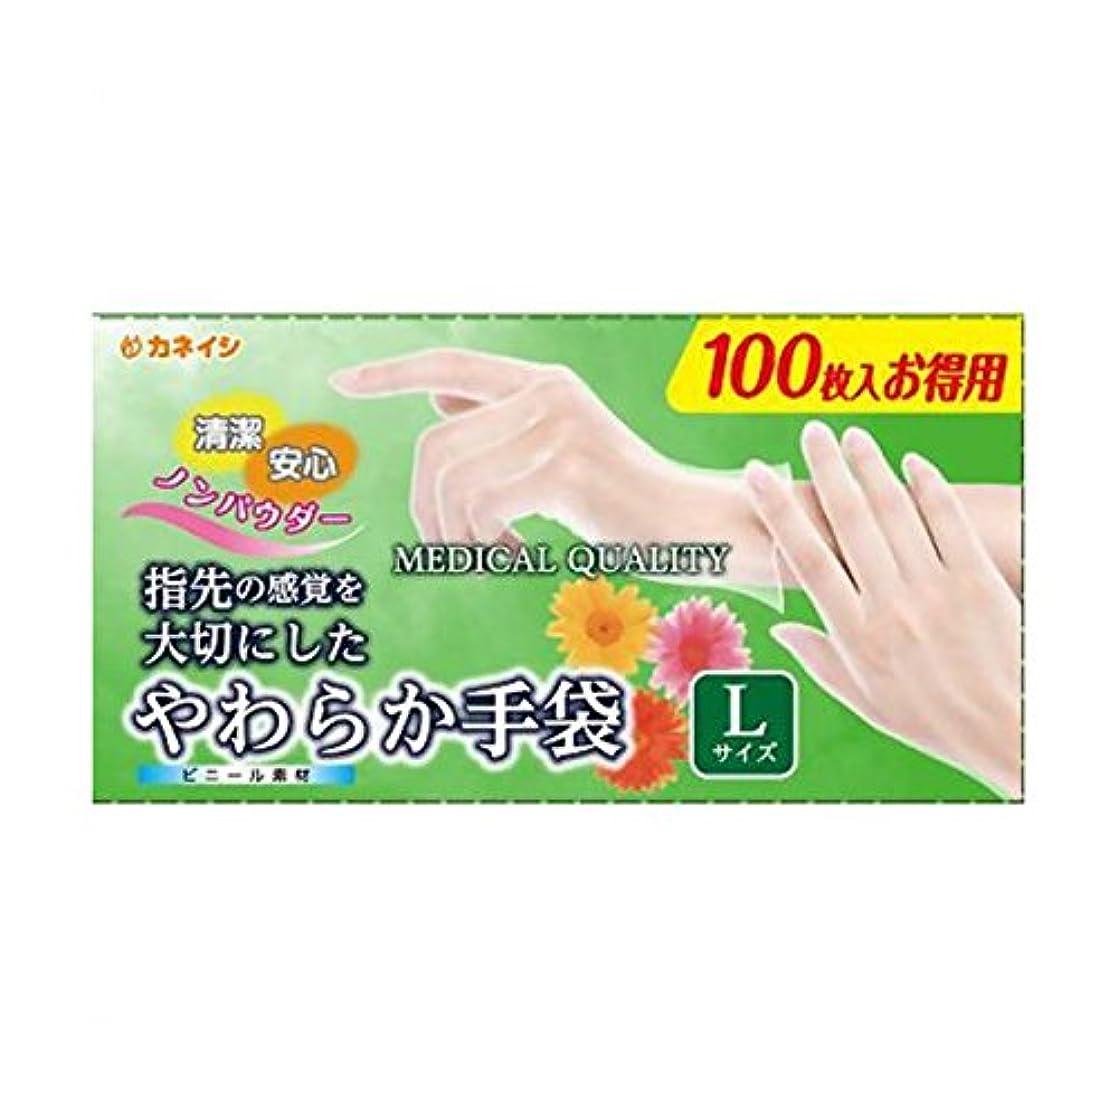 良い小麦粉七時半やわらか手袋 ビニール素材 Lサイズ 100枚入x4